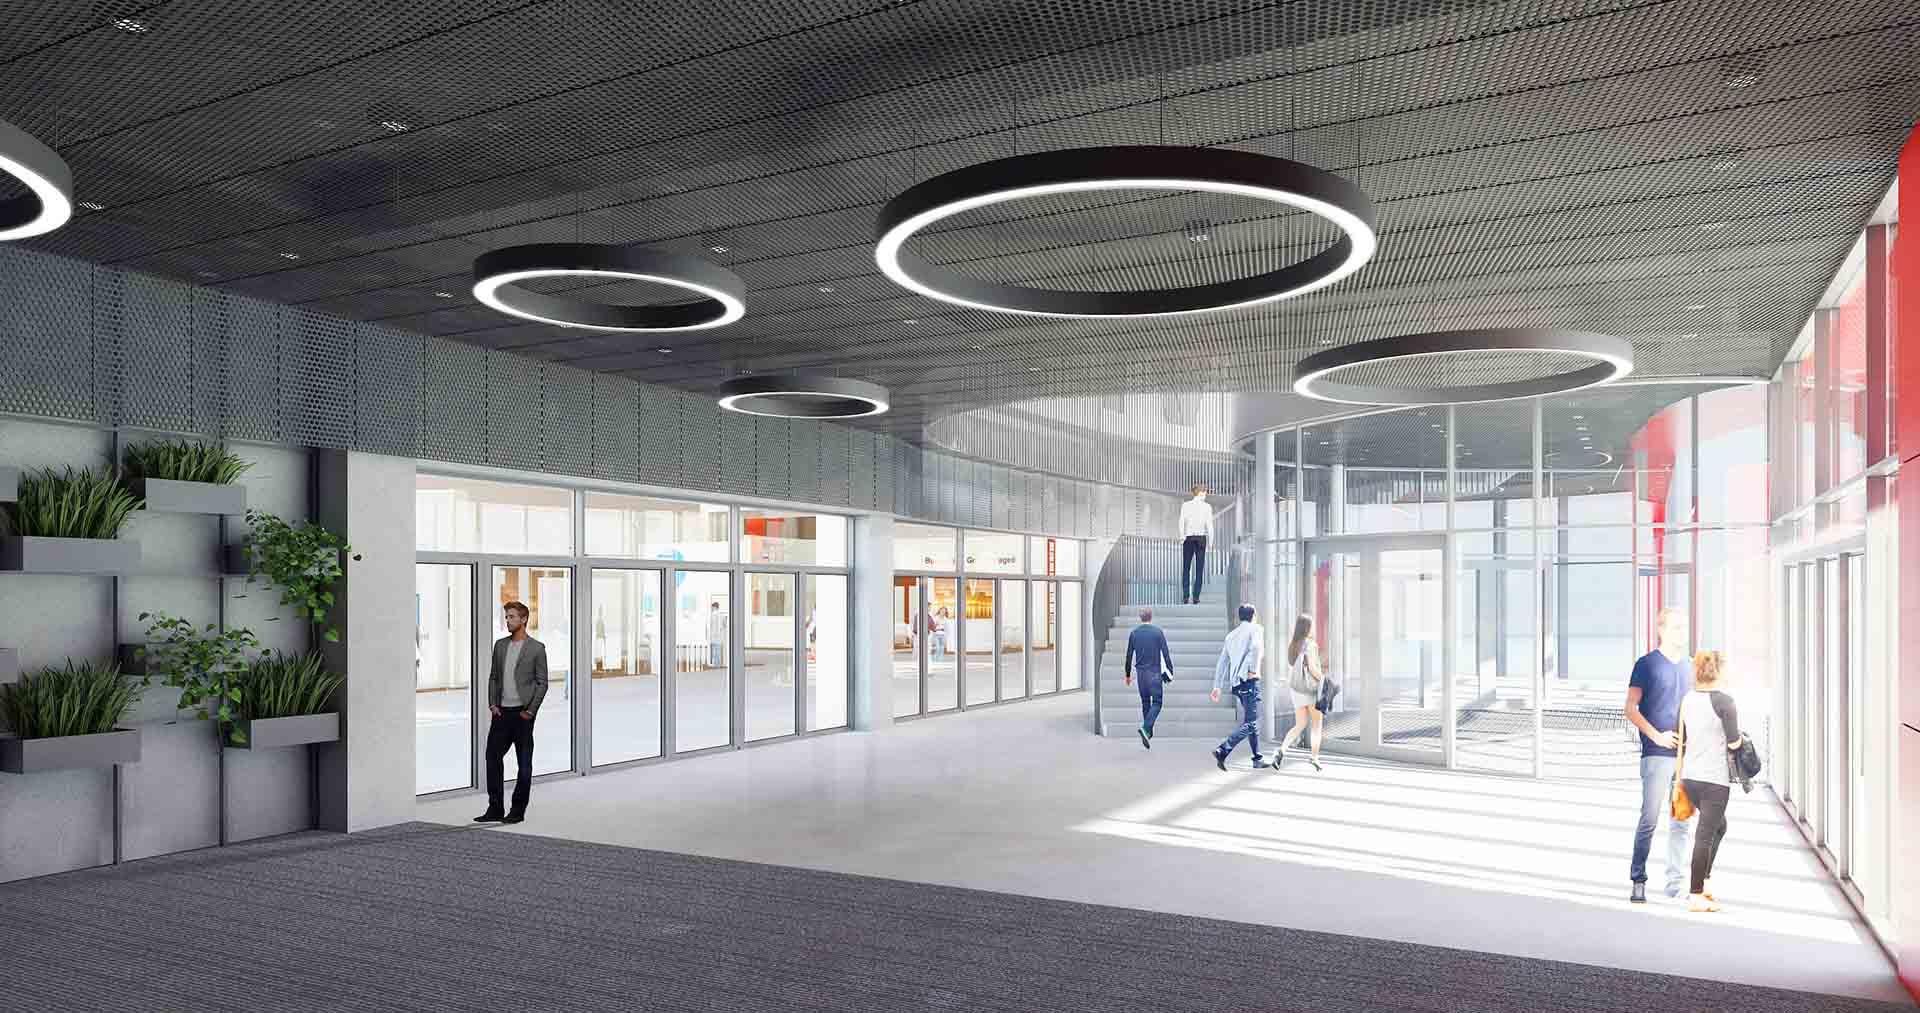 Rozbudowa i modernizacja kompleksu wystawienniczego TargiKielceS.A. – wnętrza